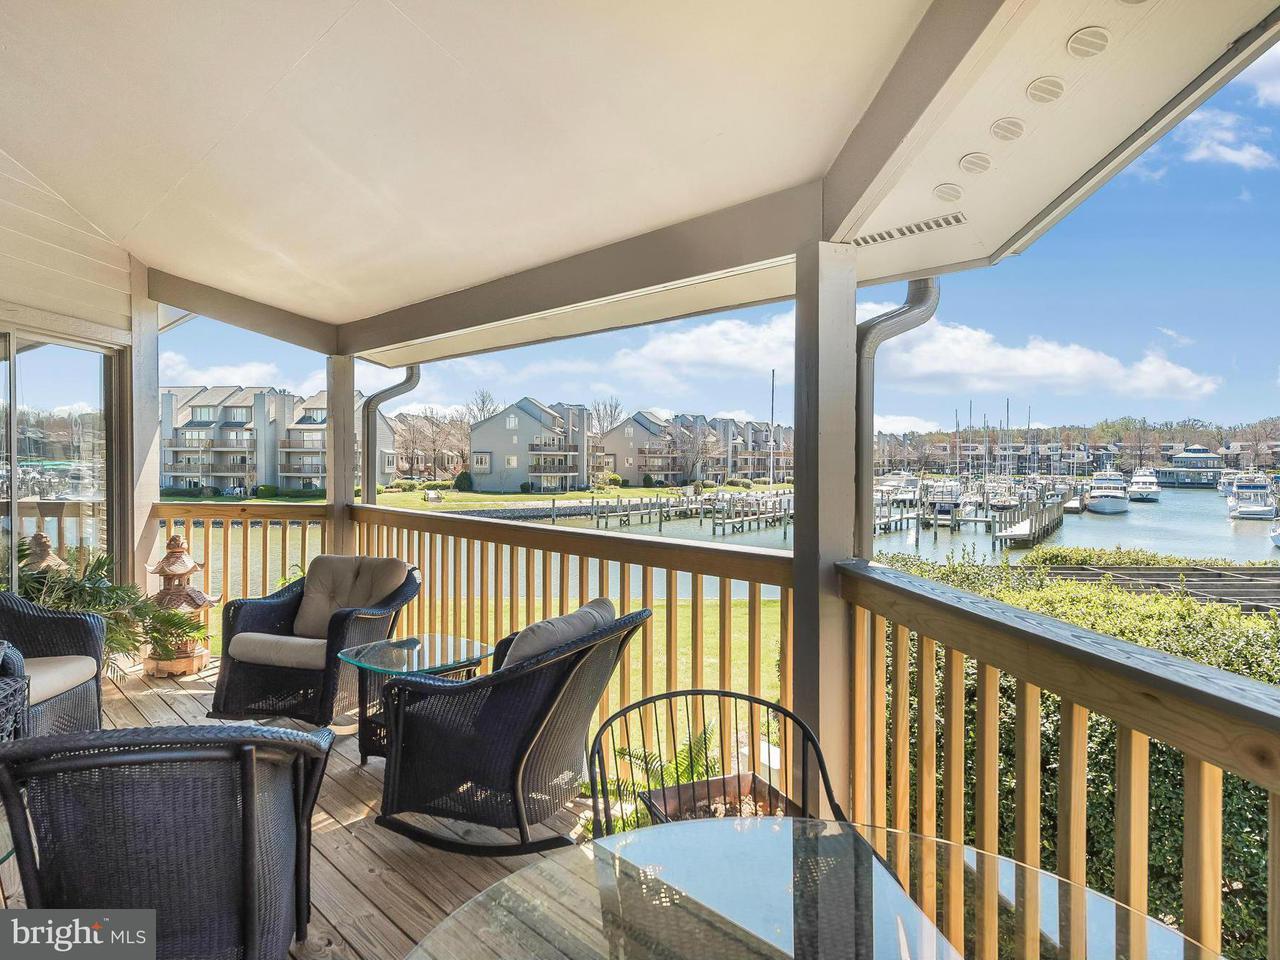 Condominium for Sale at 2125 Quay Village Ct #L 2125 Quay Village Ct #L Annapolis, Maryland 21403 United States